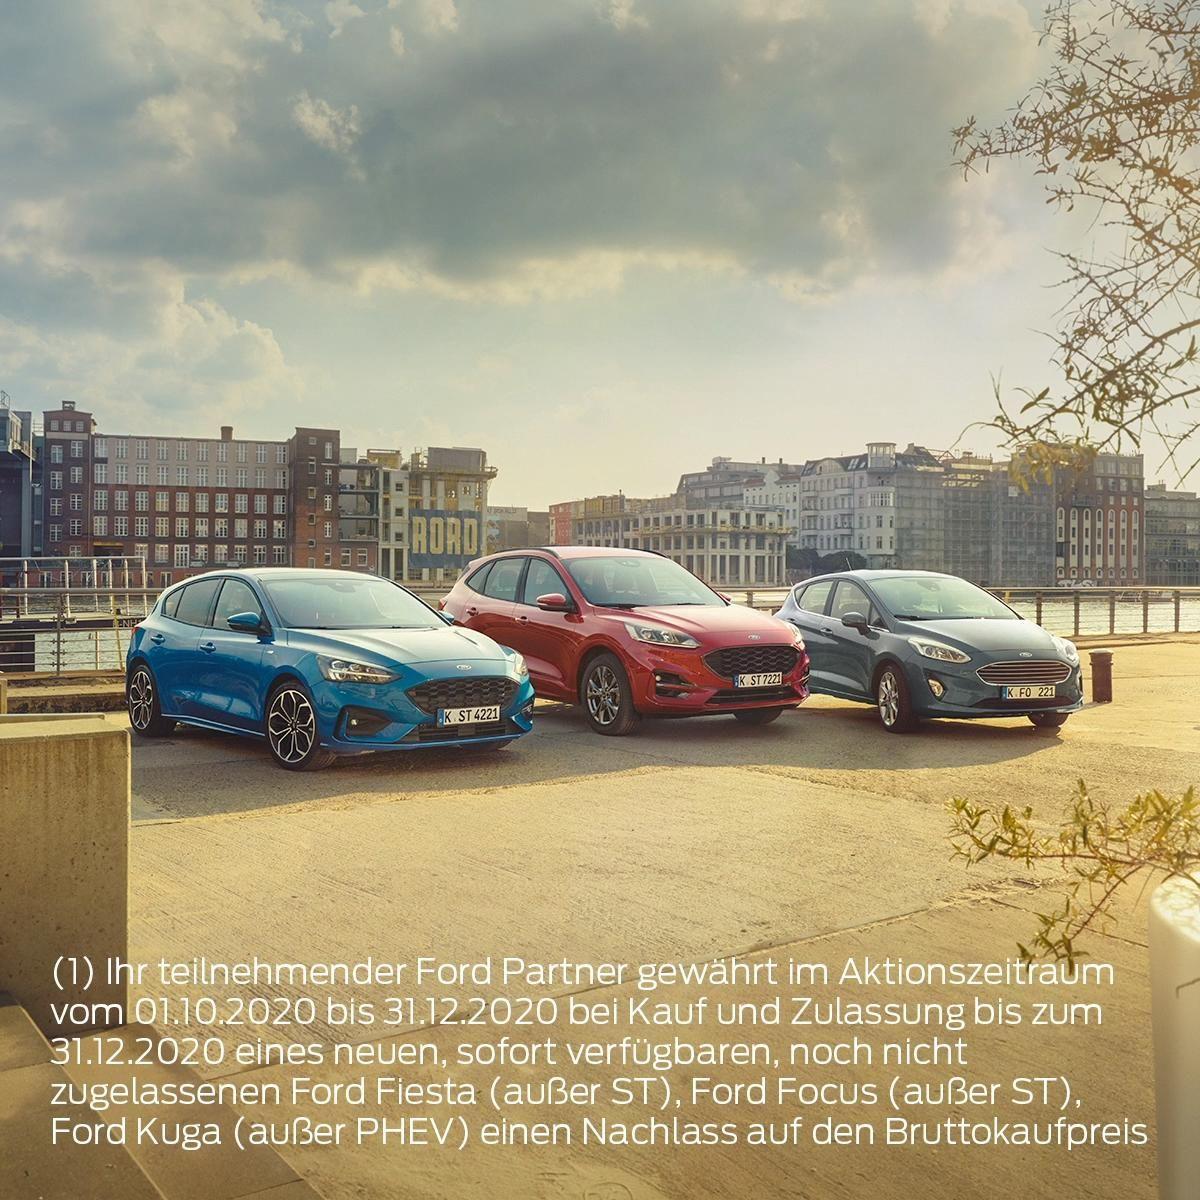 Jetzt Top Konditionen Sichern Ford Deutschland Video